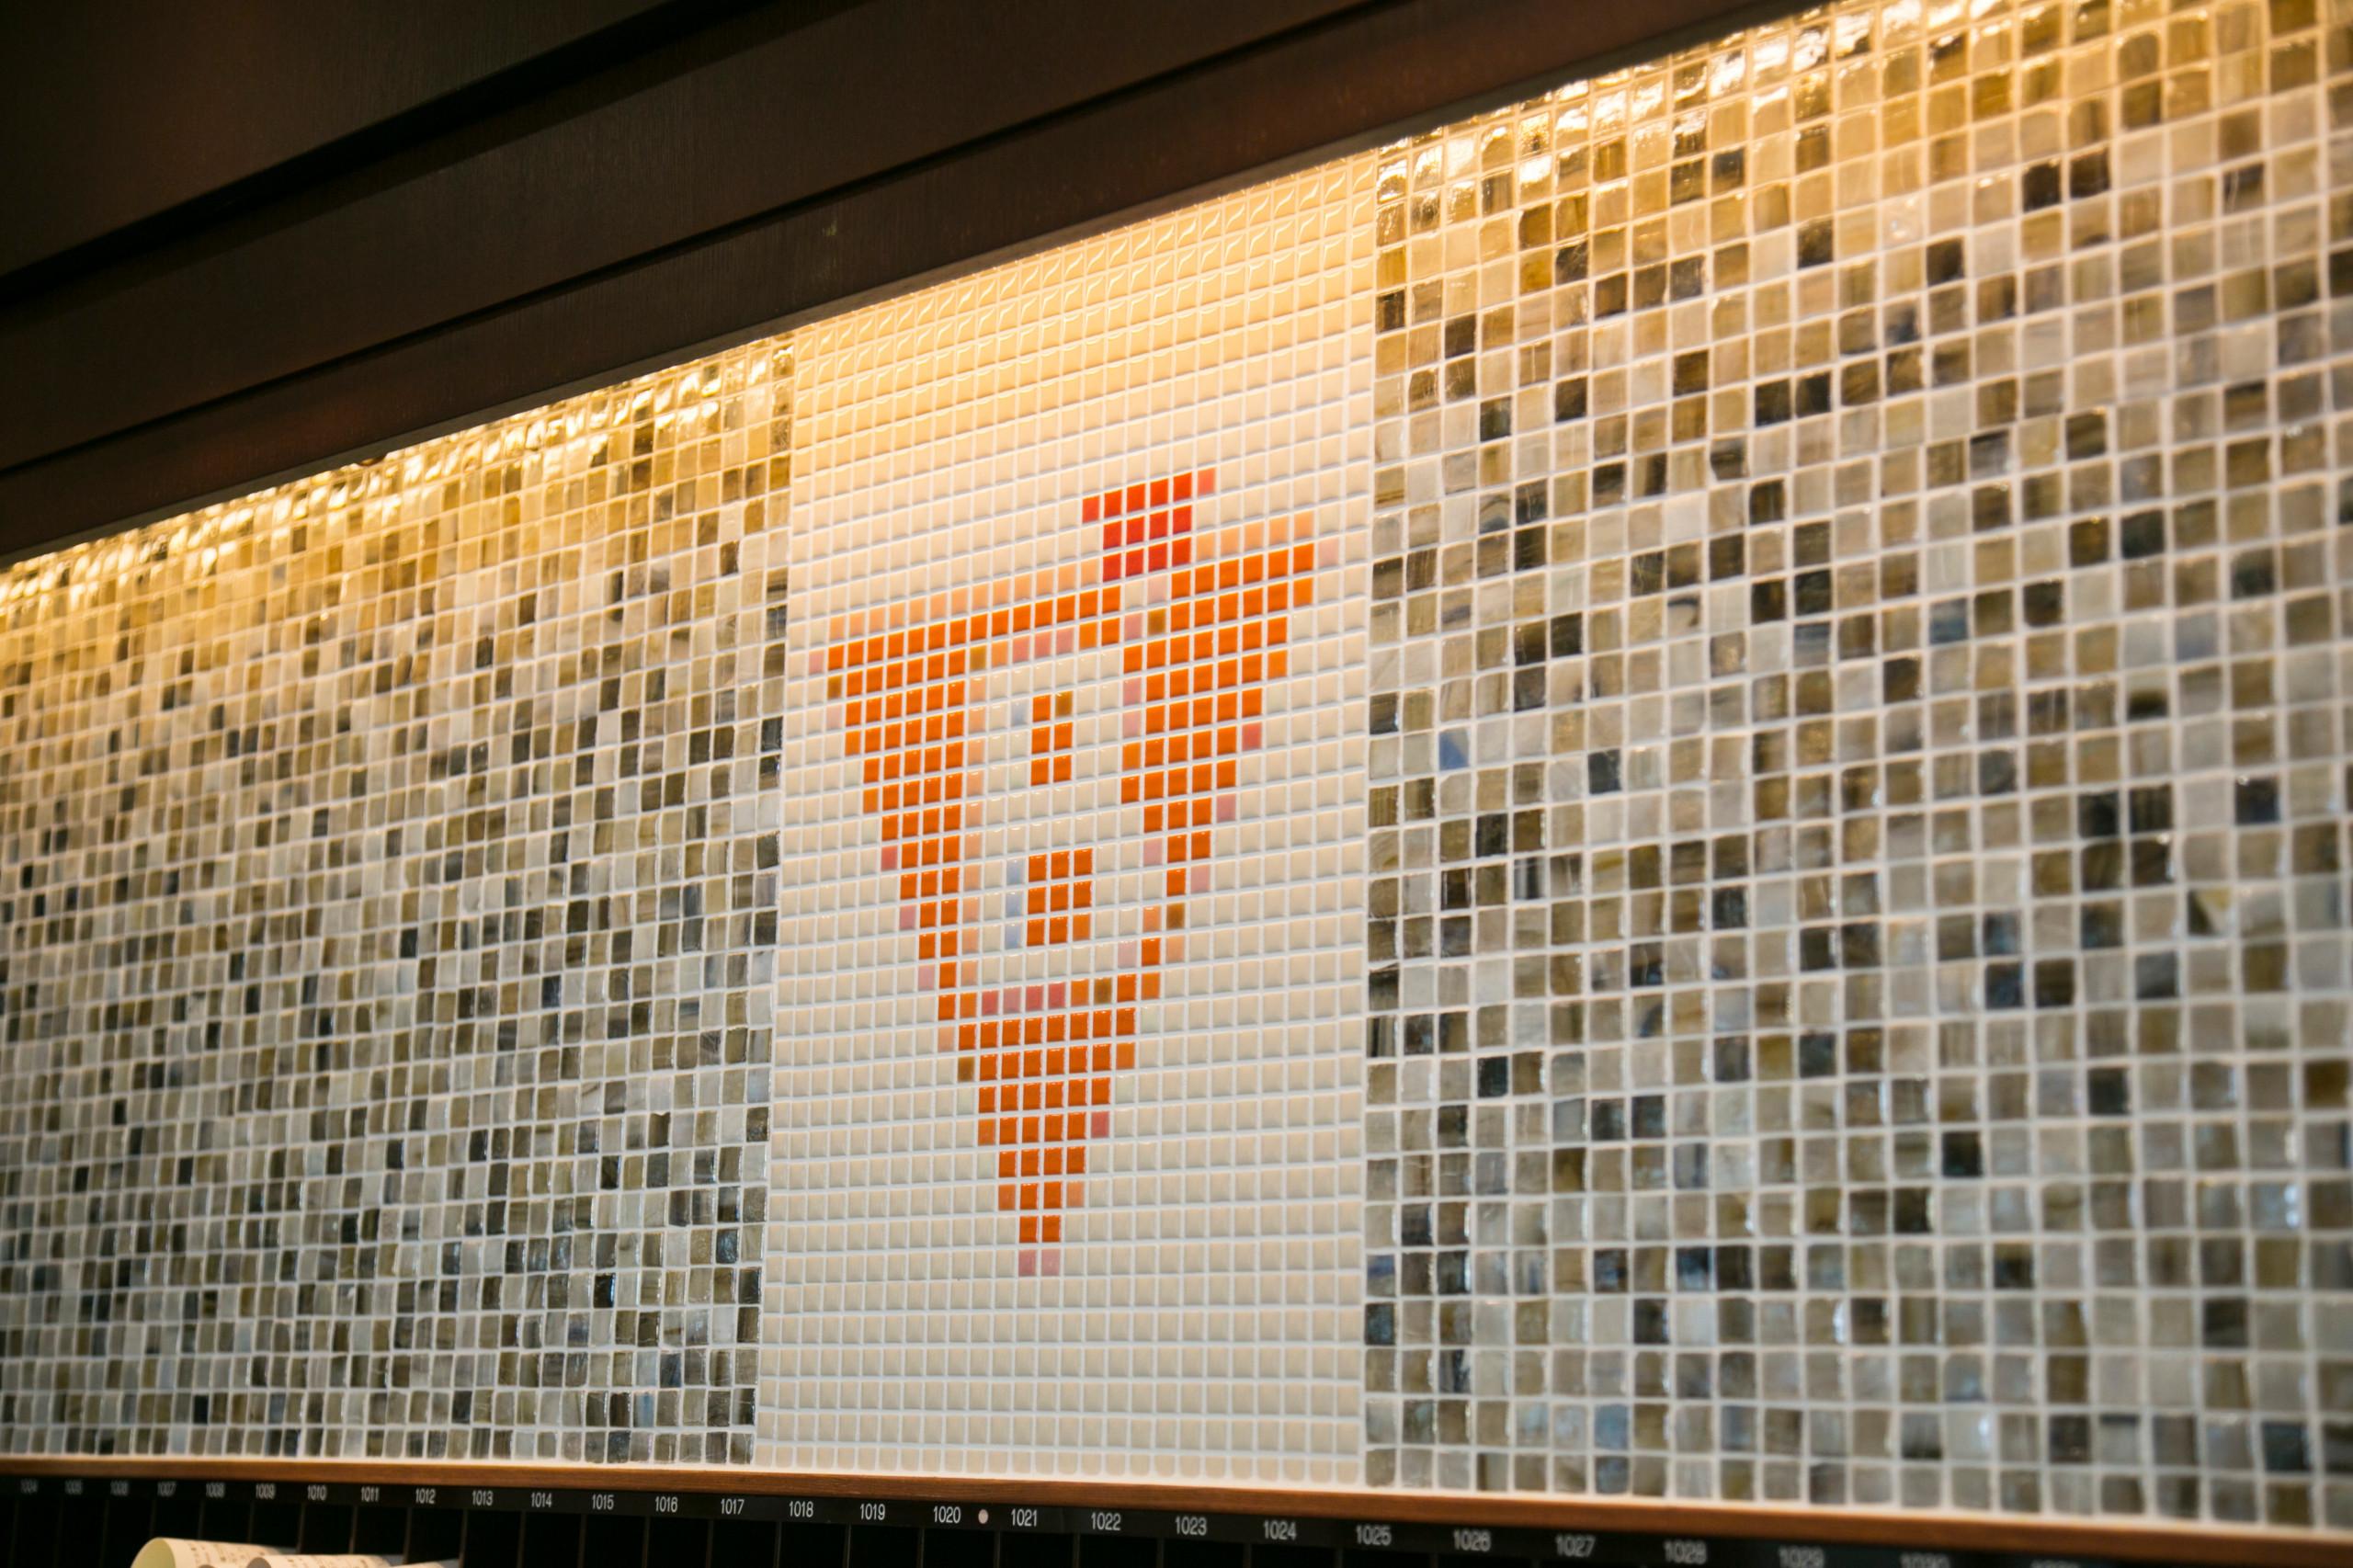 名古屋ビーズホテル 1階メインロビーフロント壁画